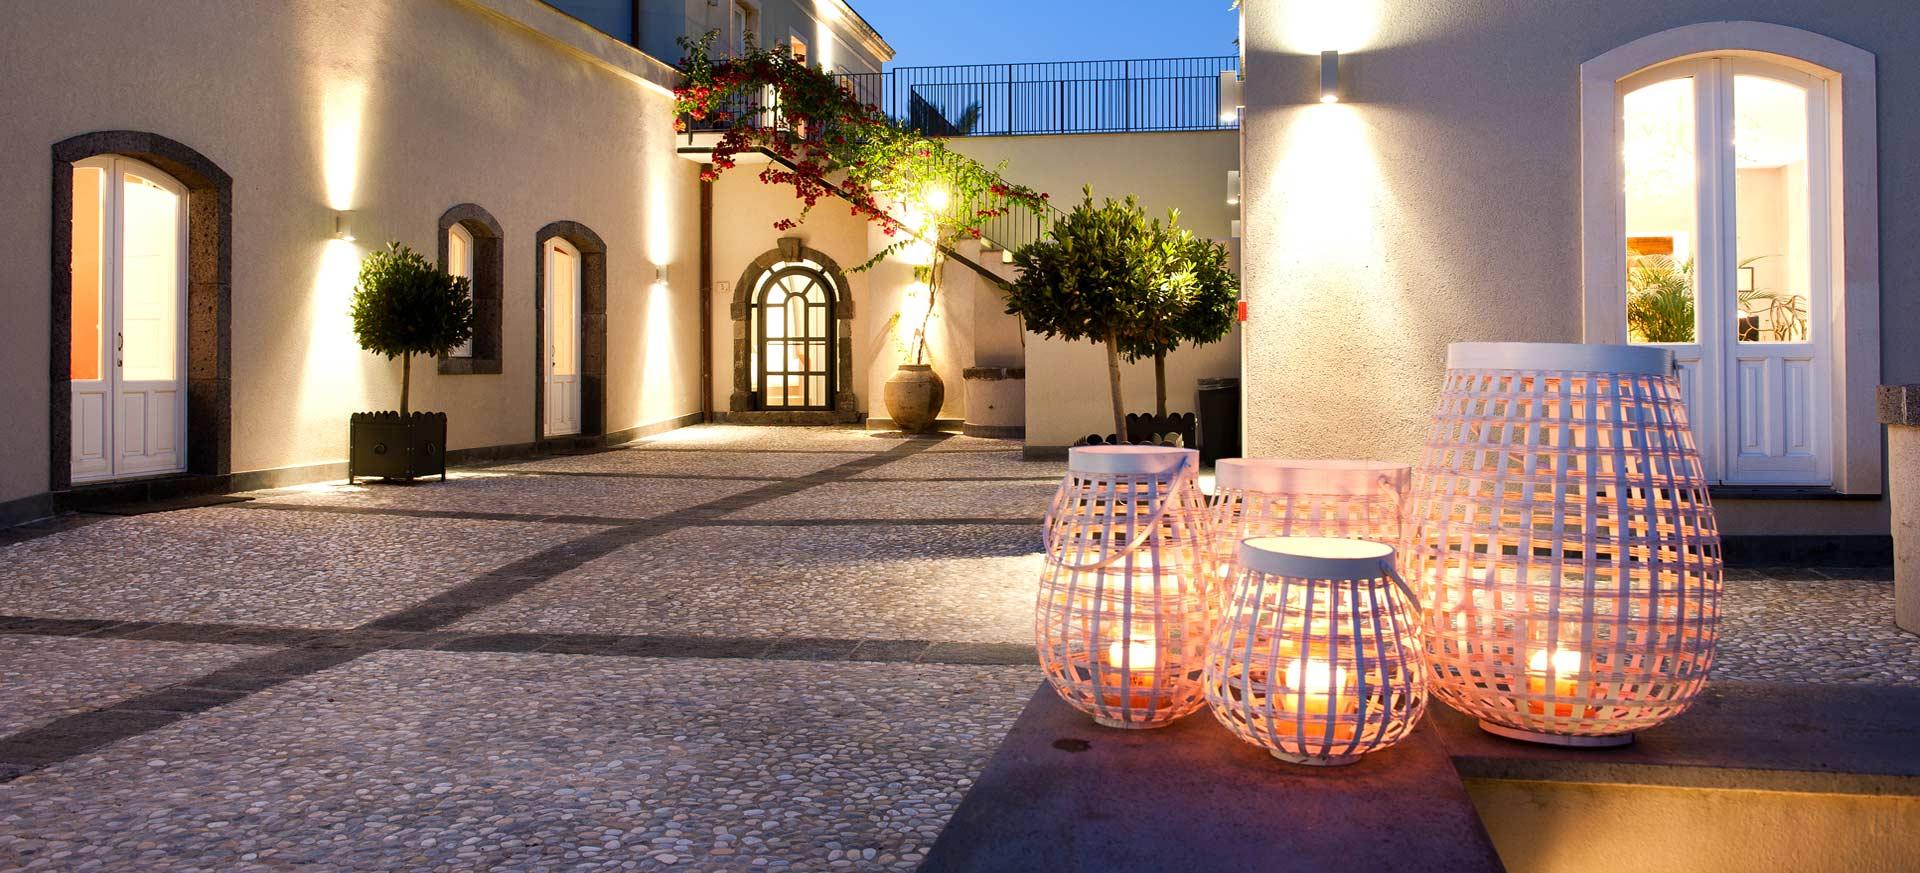 Hotels de charme sicile agriturismo et chambre d 39 h te hote italia - Hotel et chambre d hote de charme ...